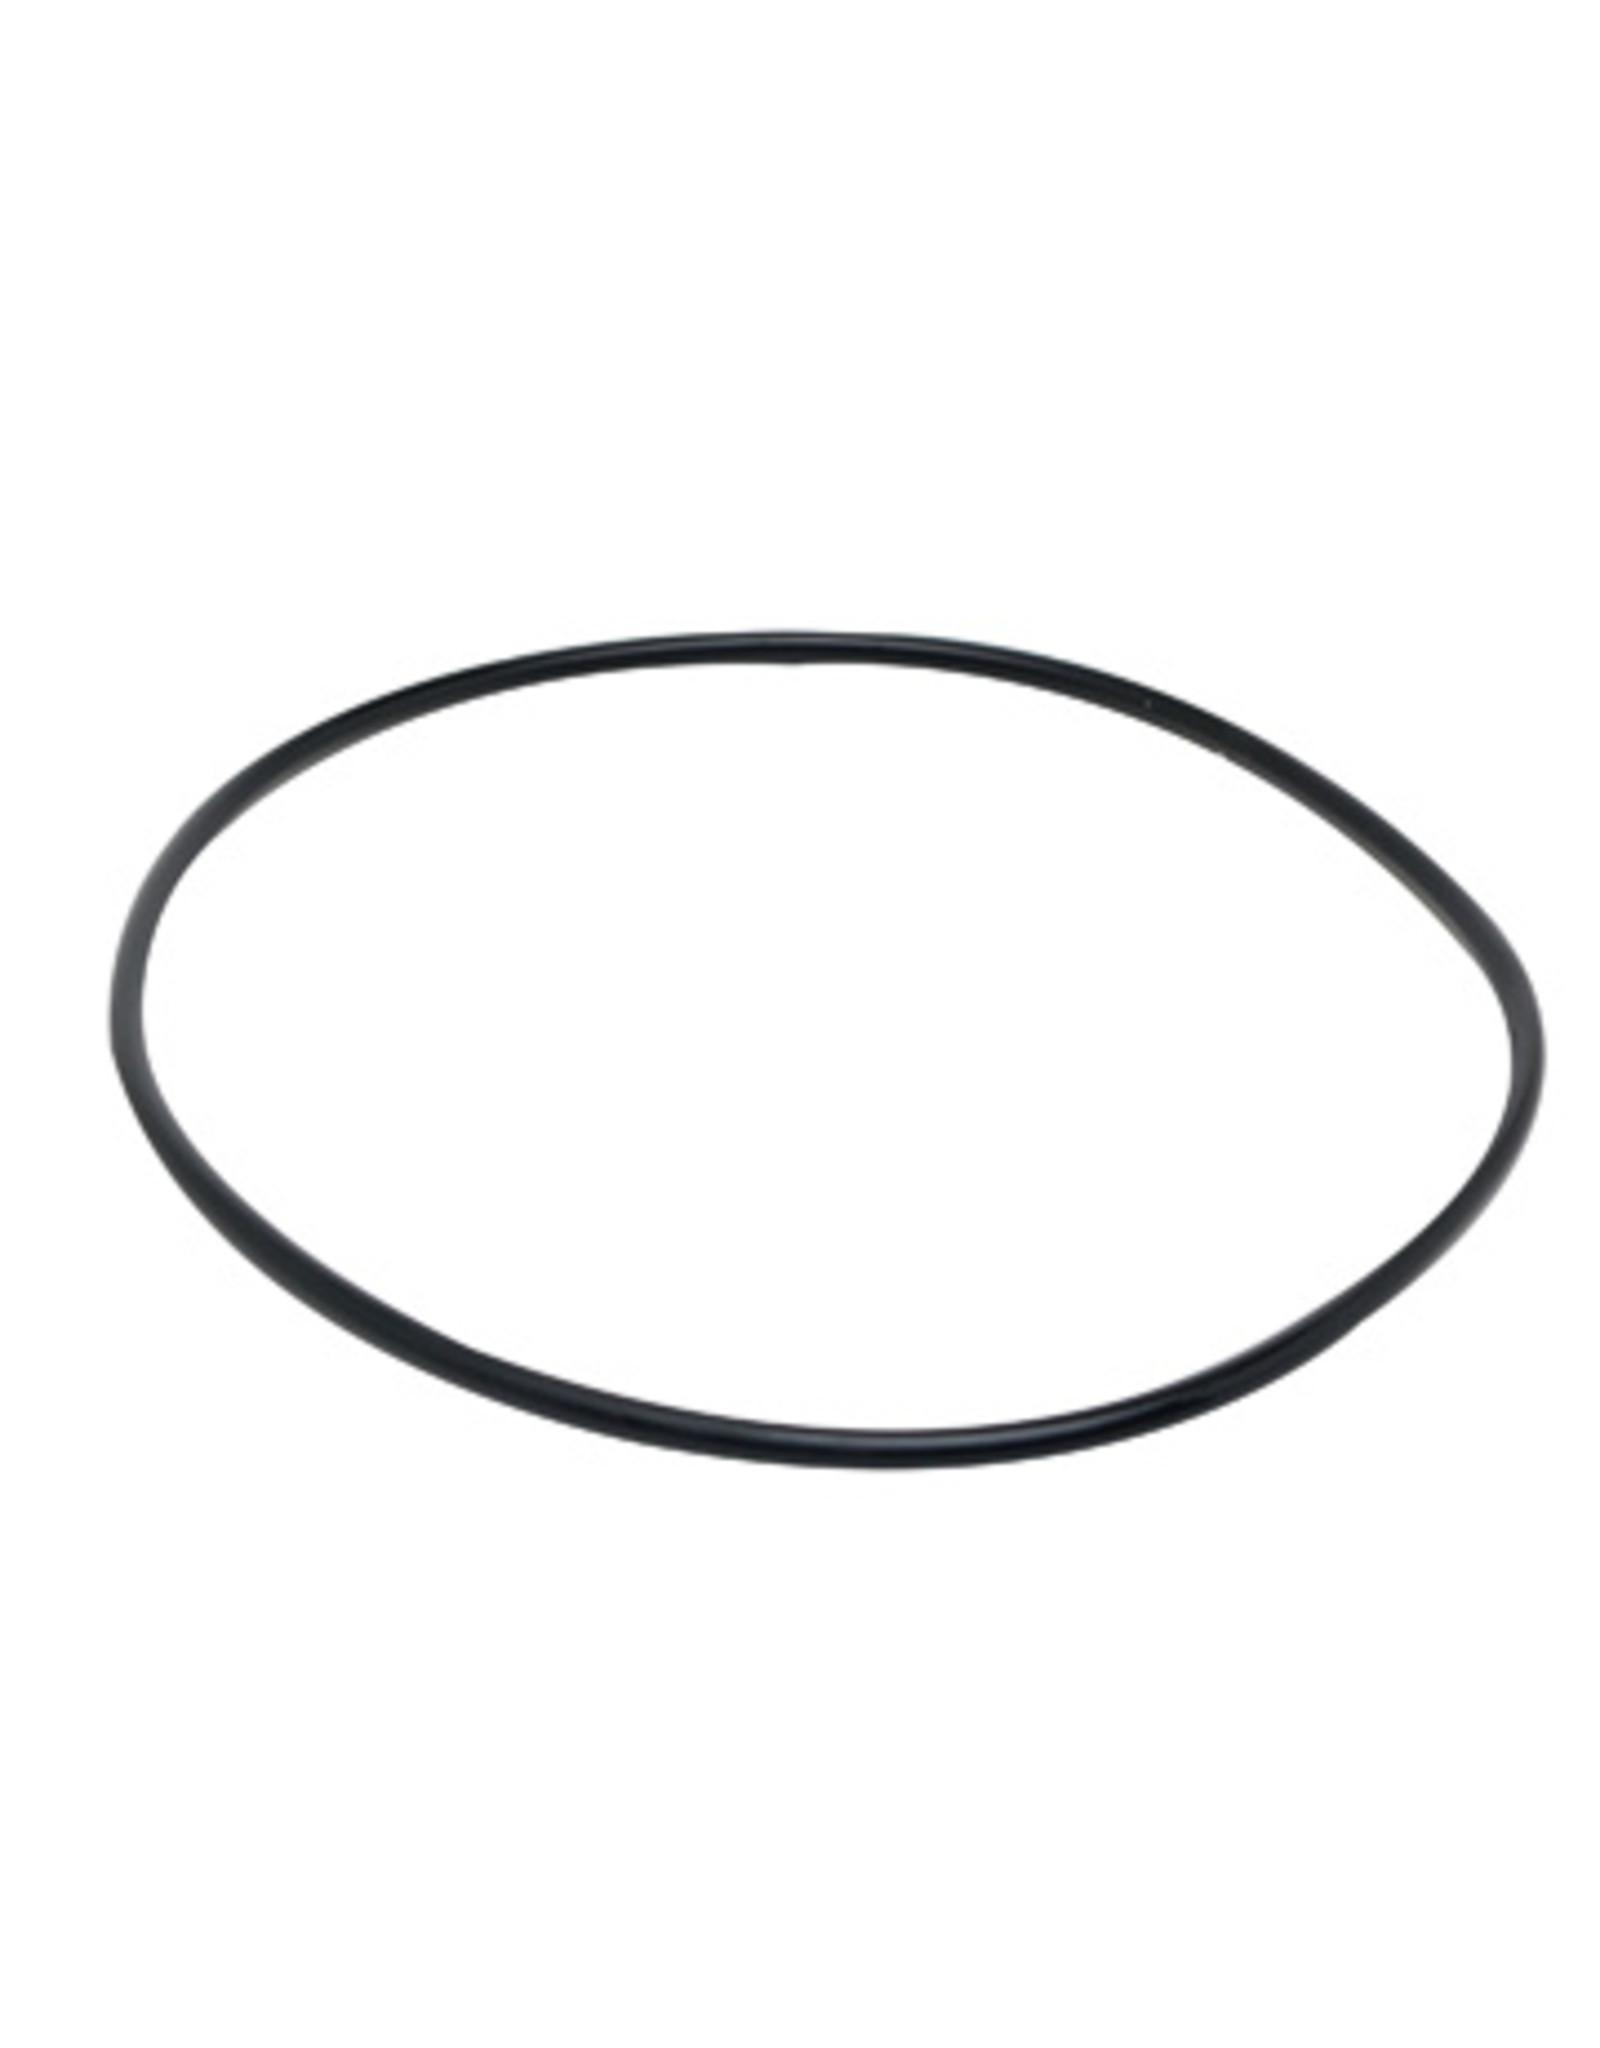 Fluval FLUVAL Motor Seal Ring 104/105/106, 204/205/206